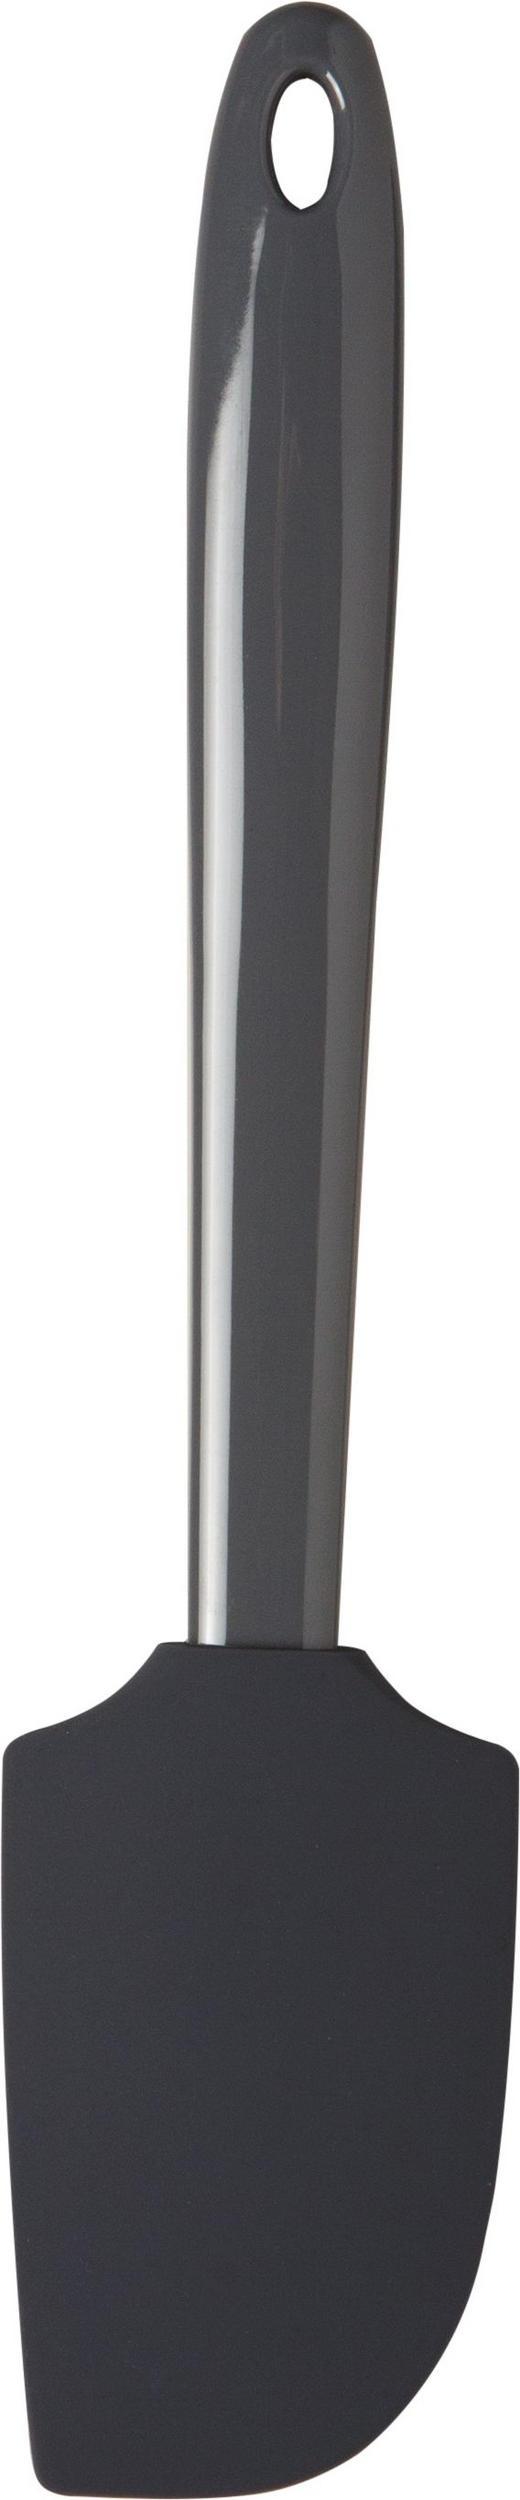 TEIGSCHABER - Grau, KONVENTIONELL, Kunststoff (8/2/34cm)